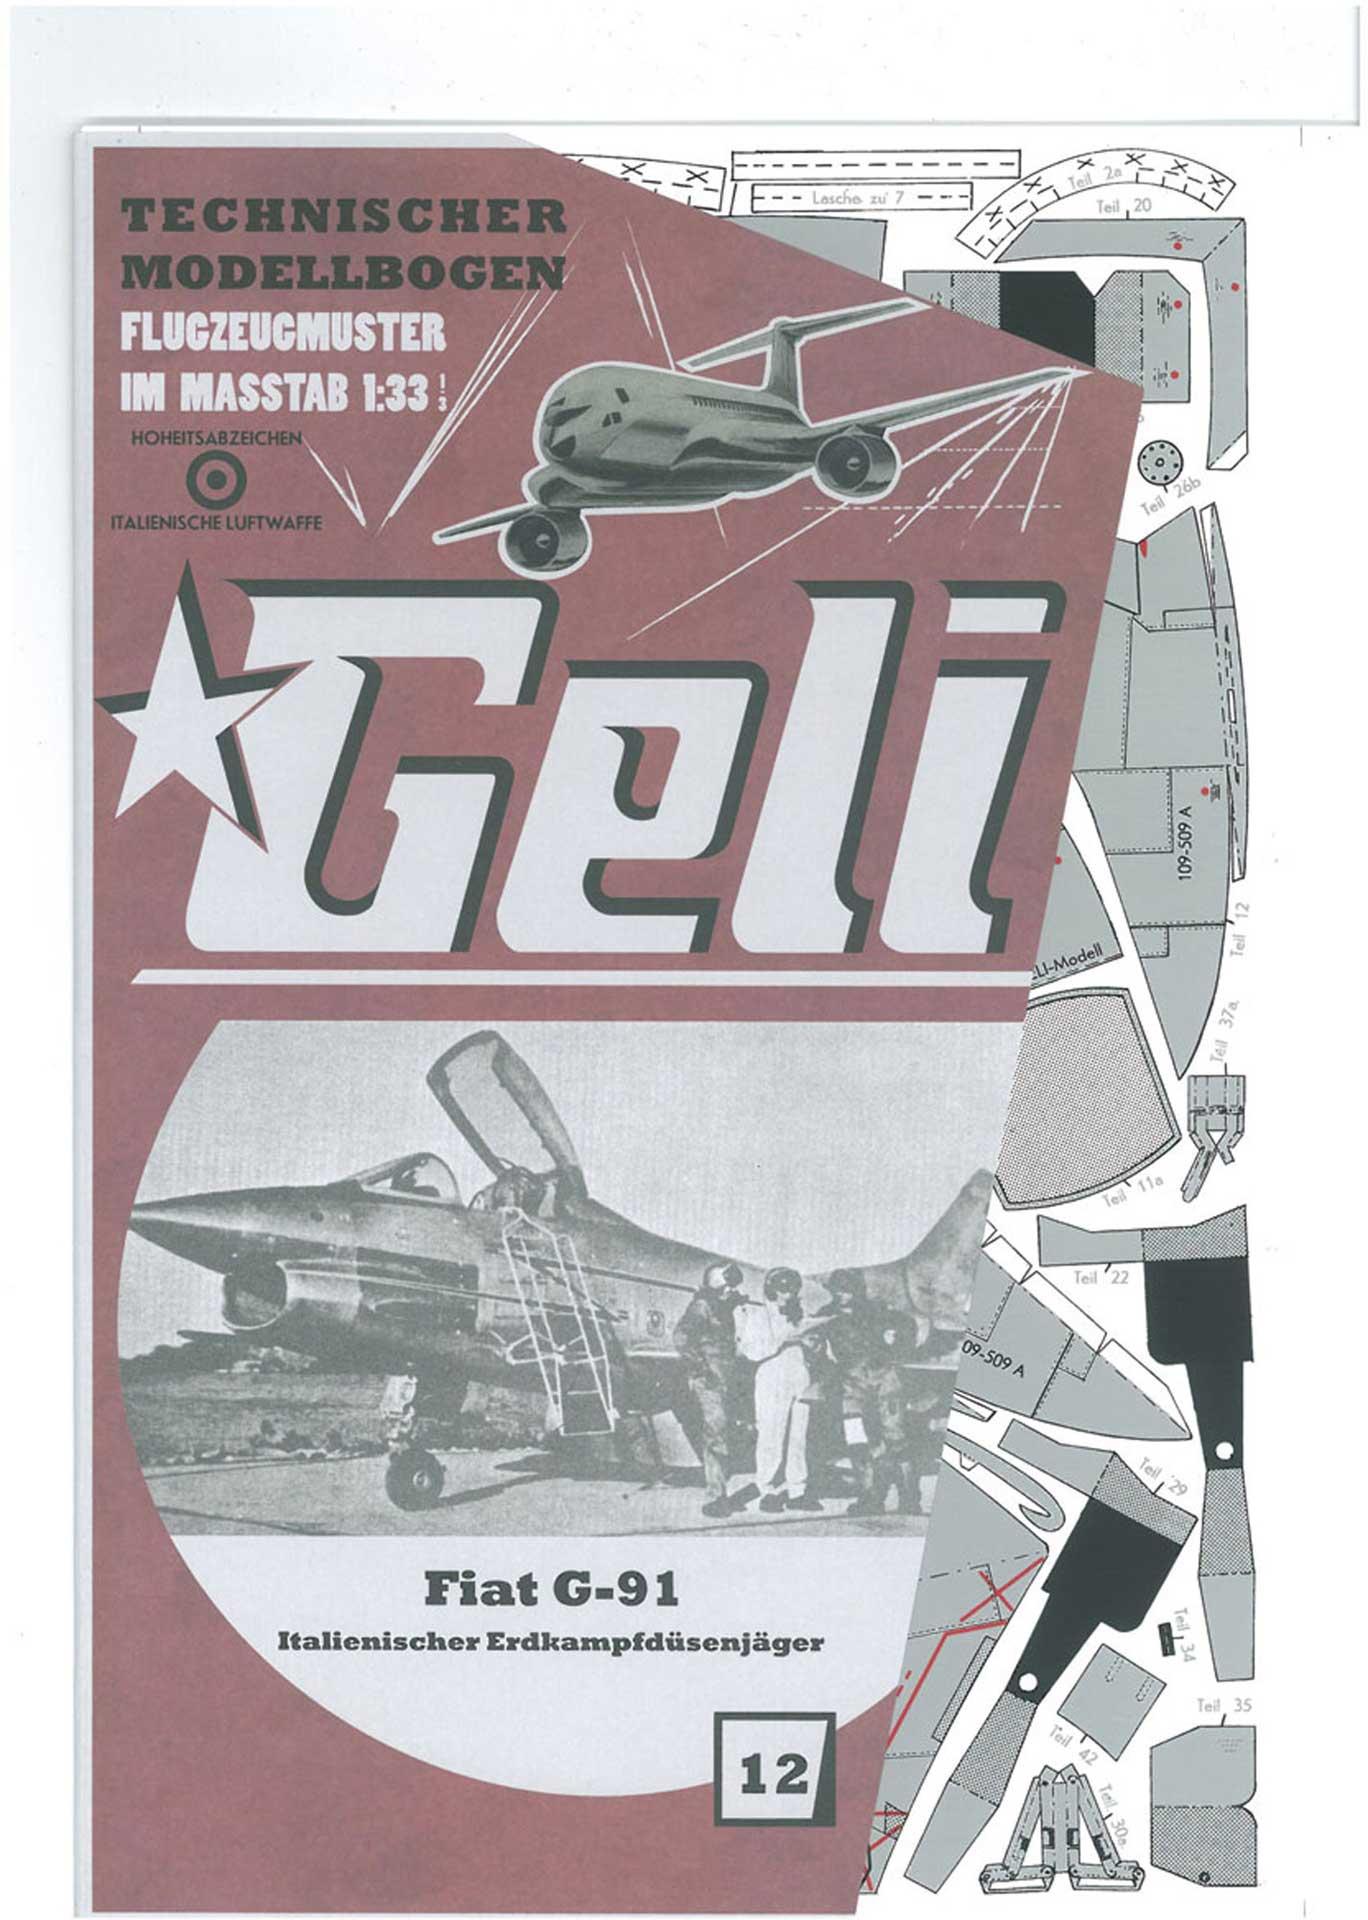 GELI FIAT G 91 KARTONMODELL